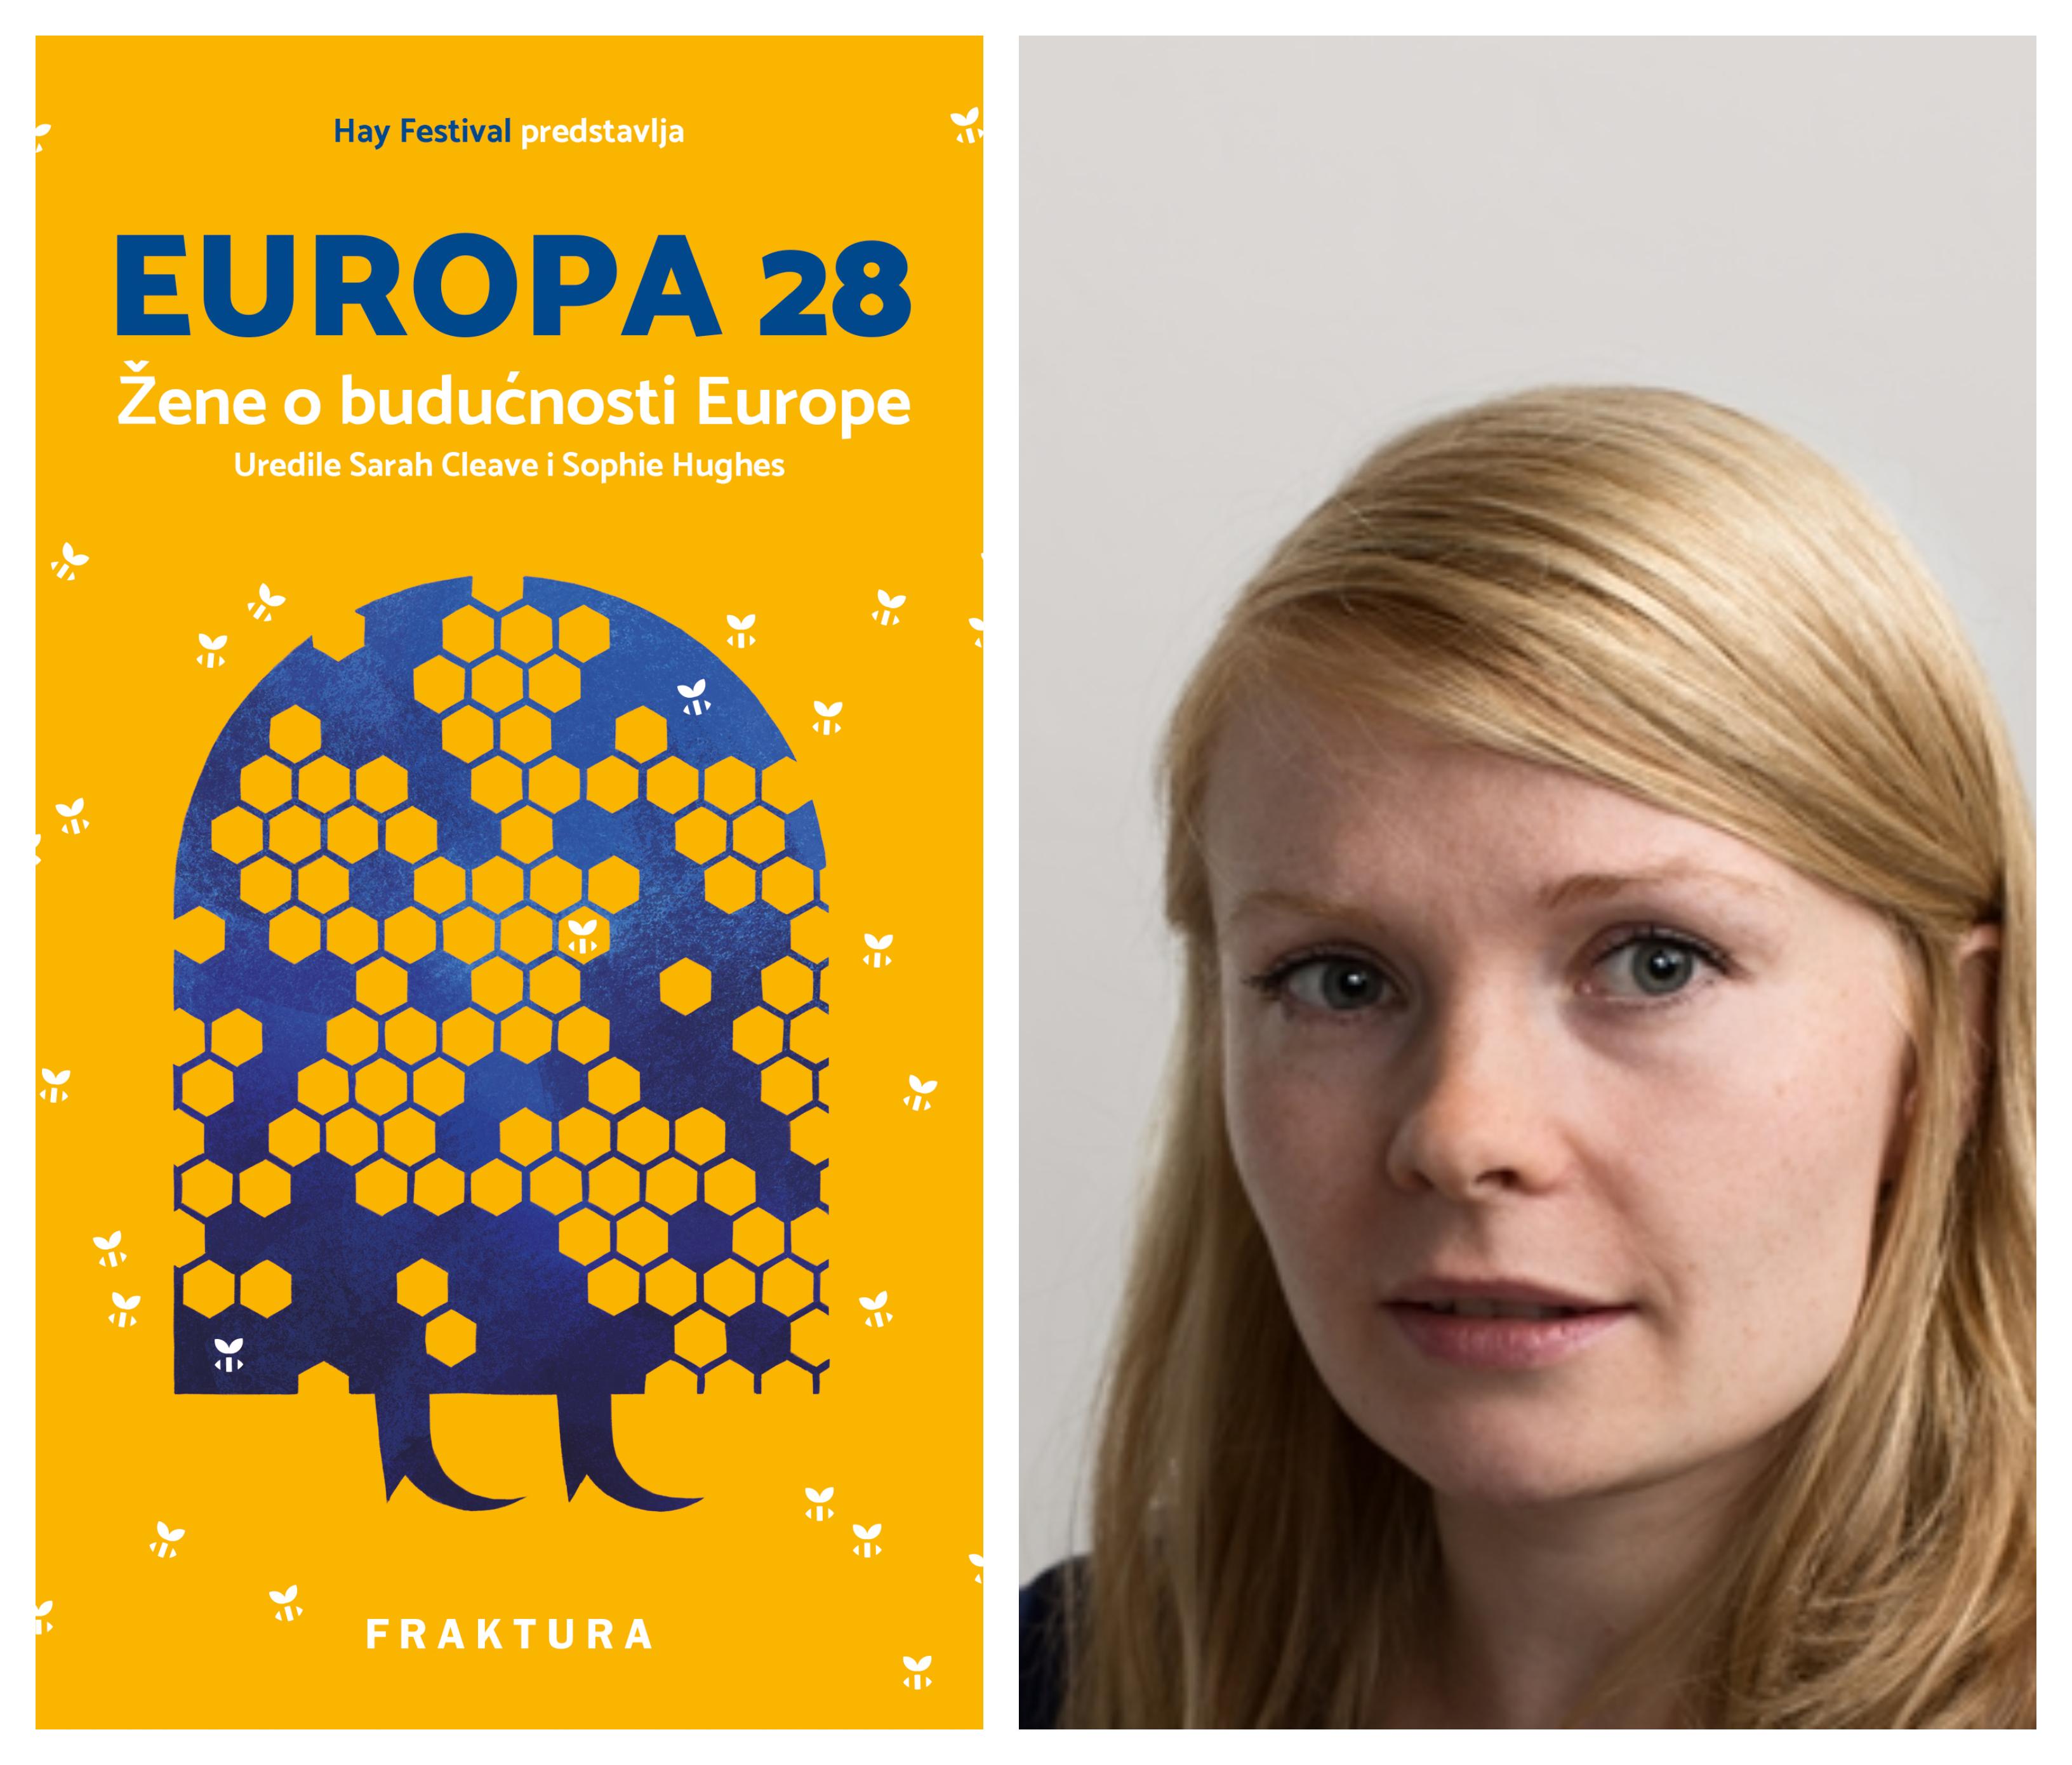 Saara Turunen: Stvari koje nemaju veze s razumom